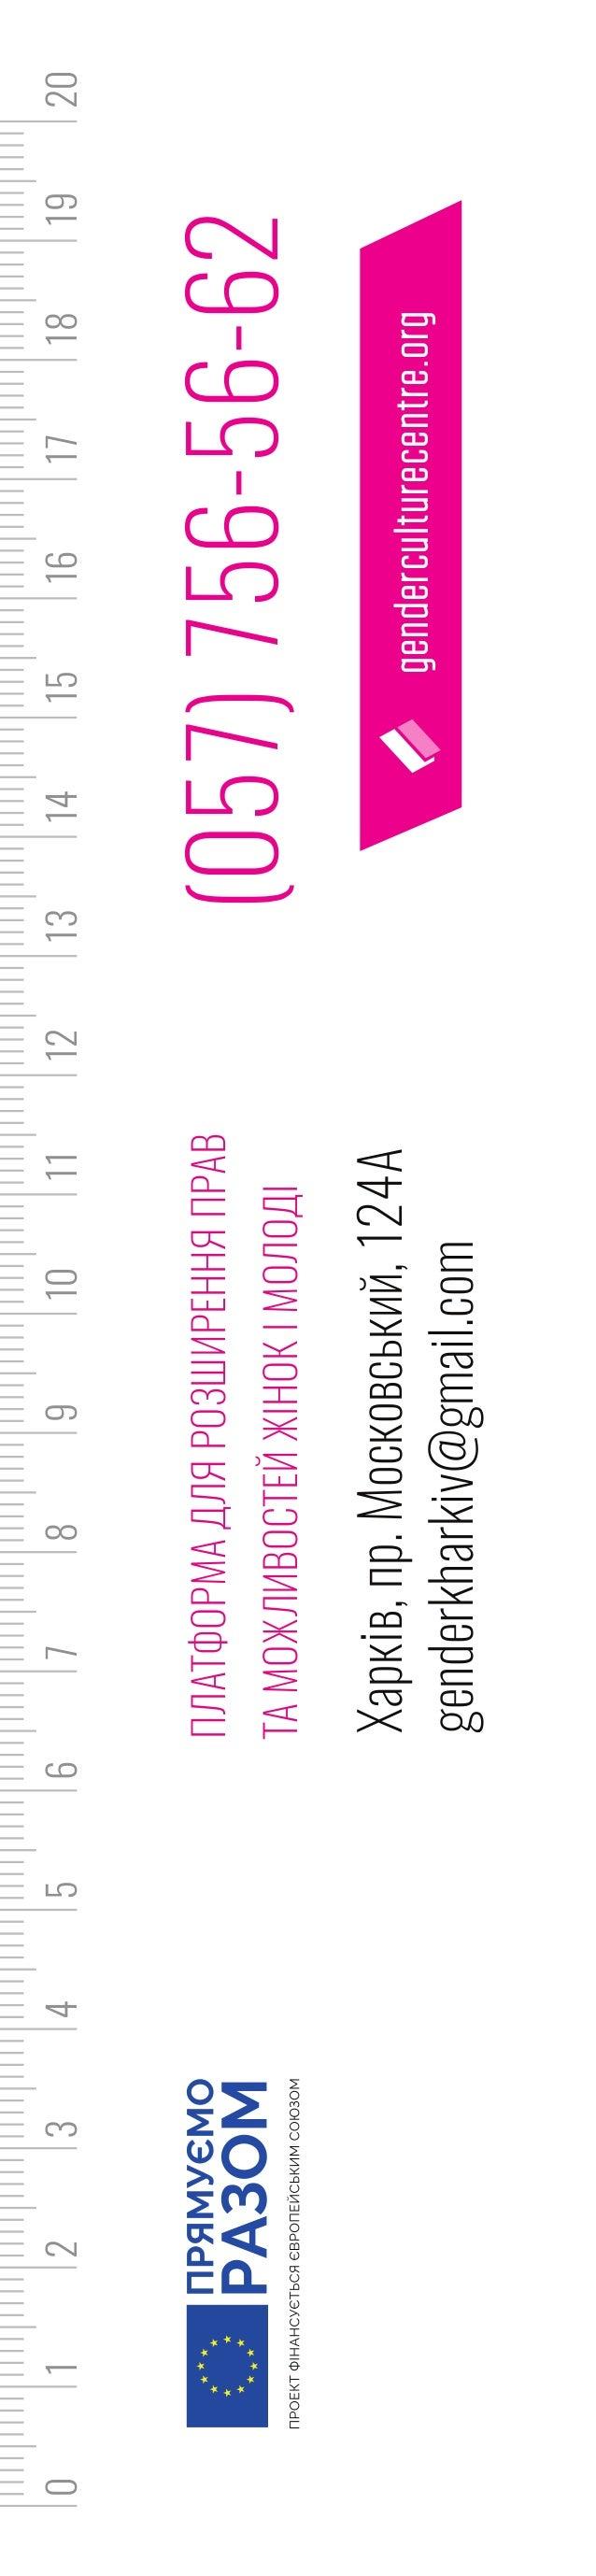 01234567891011121314151617181920 (057)756-56-62 Харків,пр.Московський,124А genderkharkiv@gmail.com ПЛАТФОРМАДЛЯРОЗШИРЕННЯП...